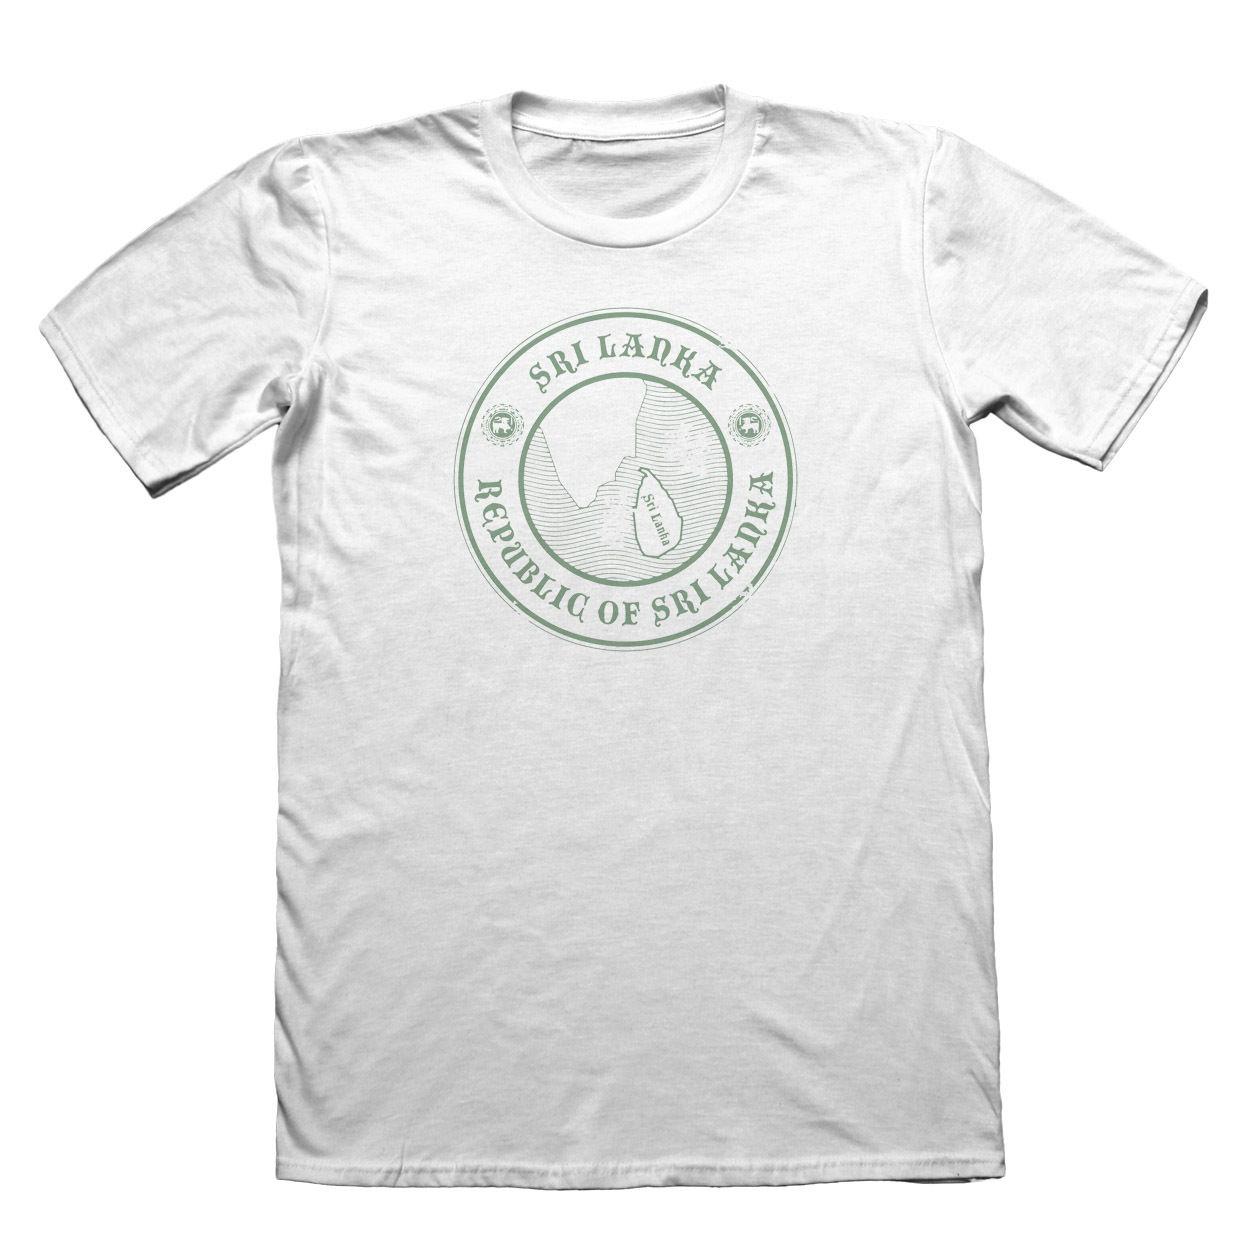 ¡Novedad de 2019! Camiseta a la moda de diseño de Sri Lanka-Camiseta navideña del Día del Padre para hombre